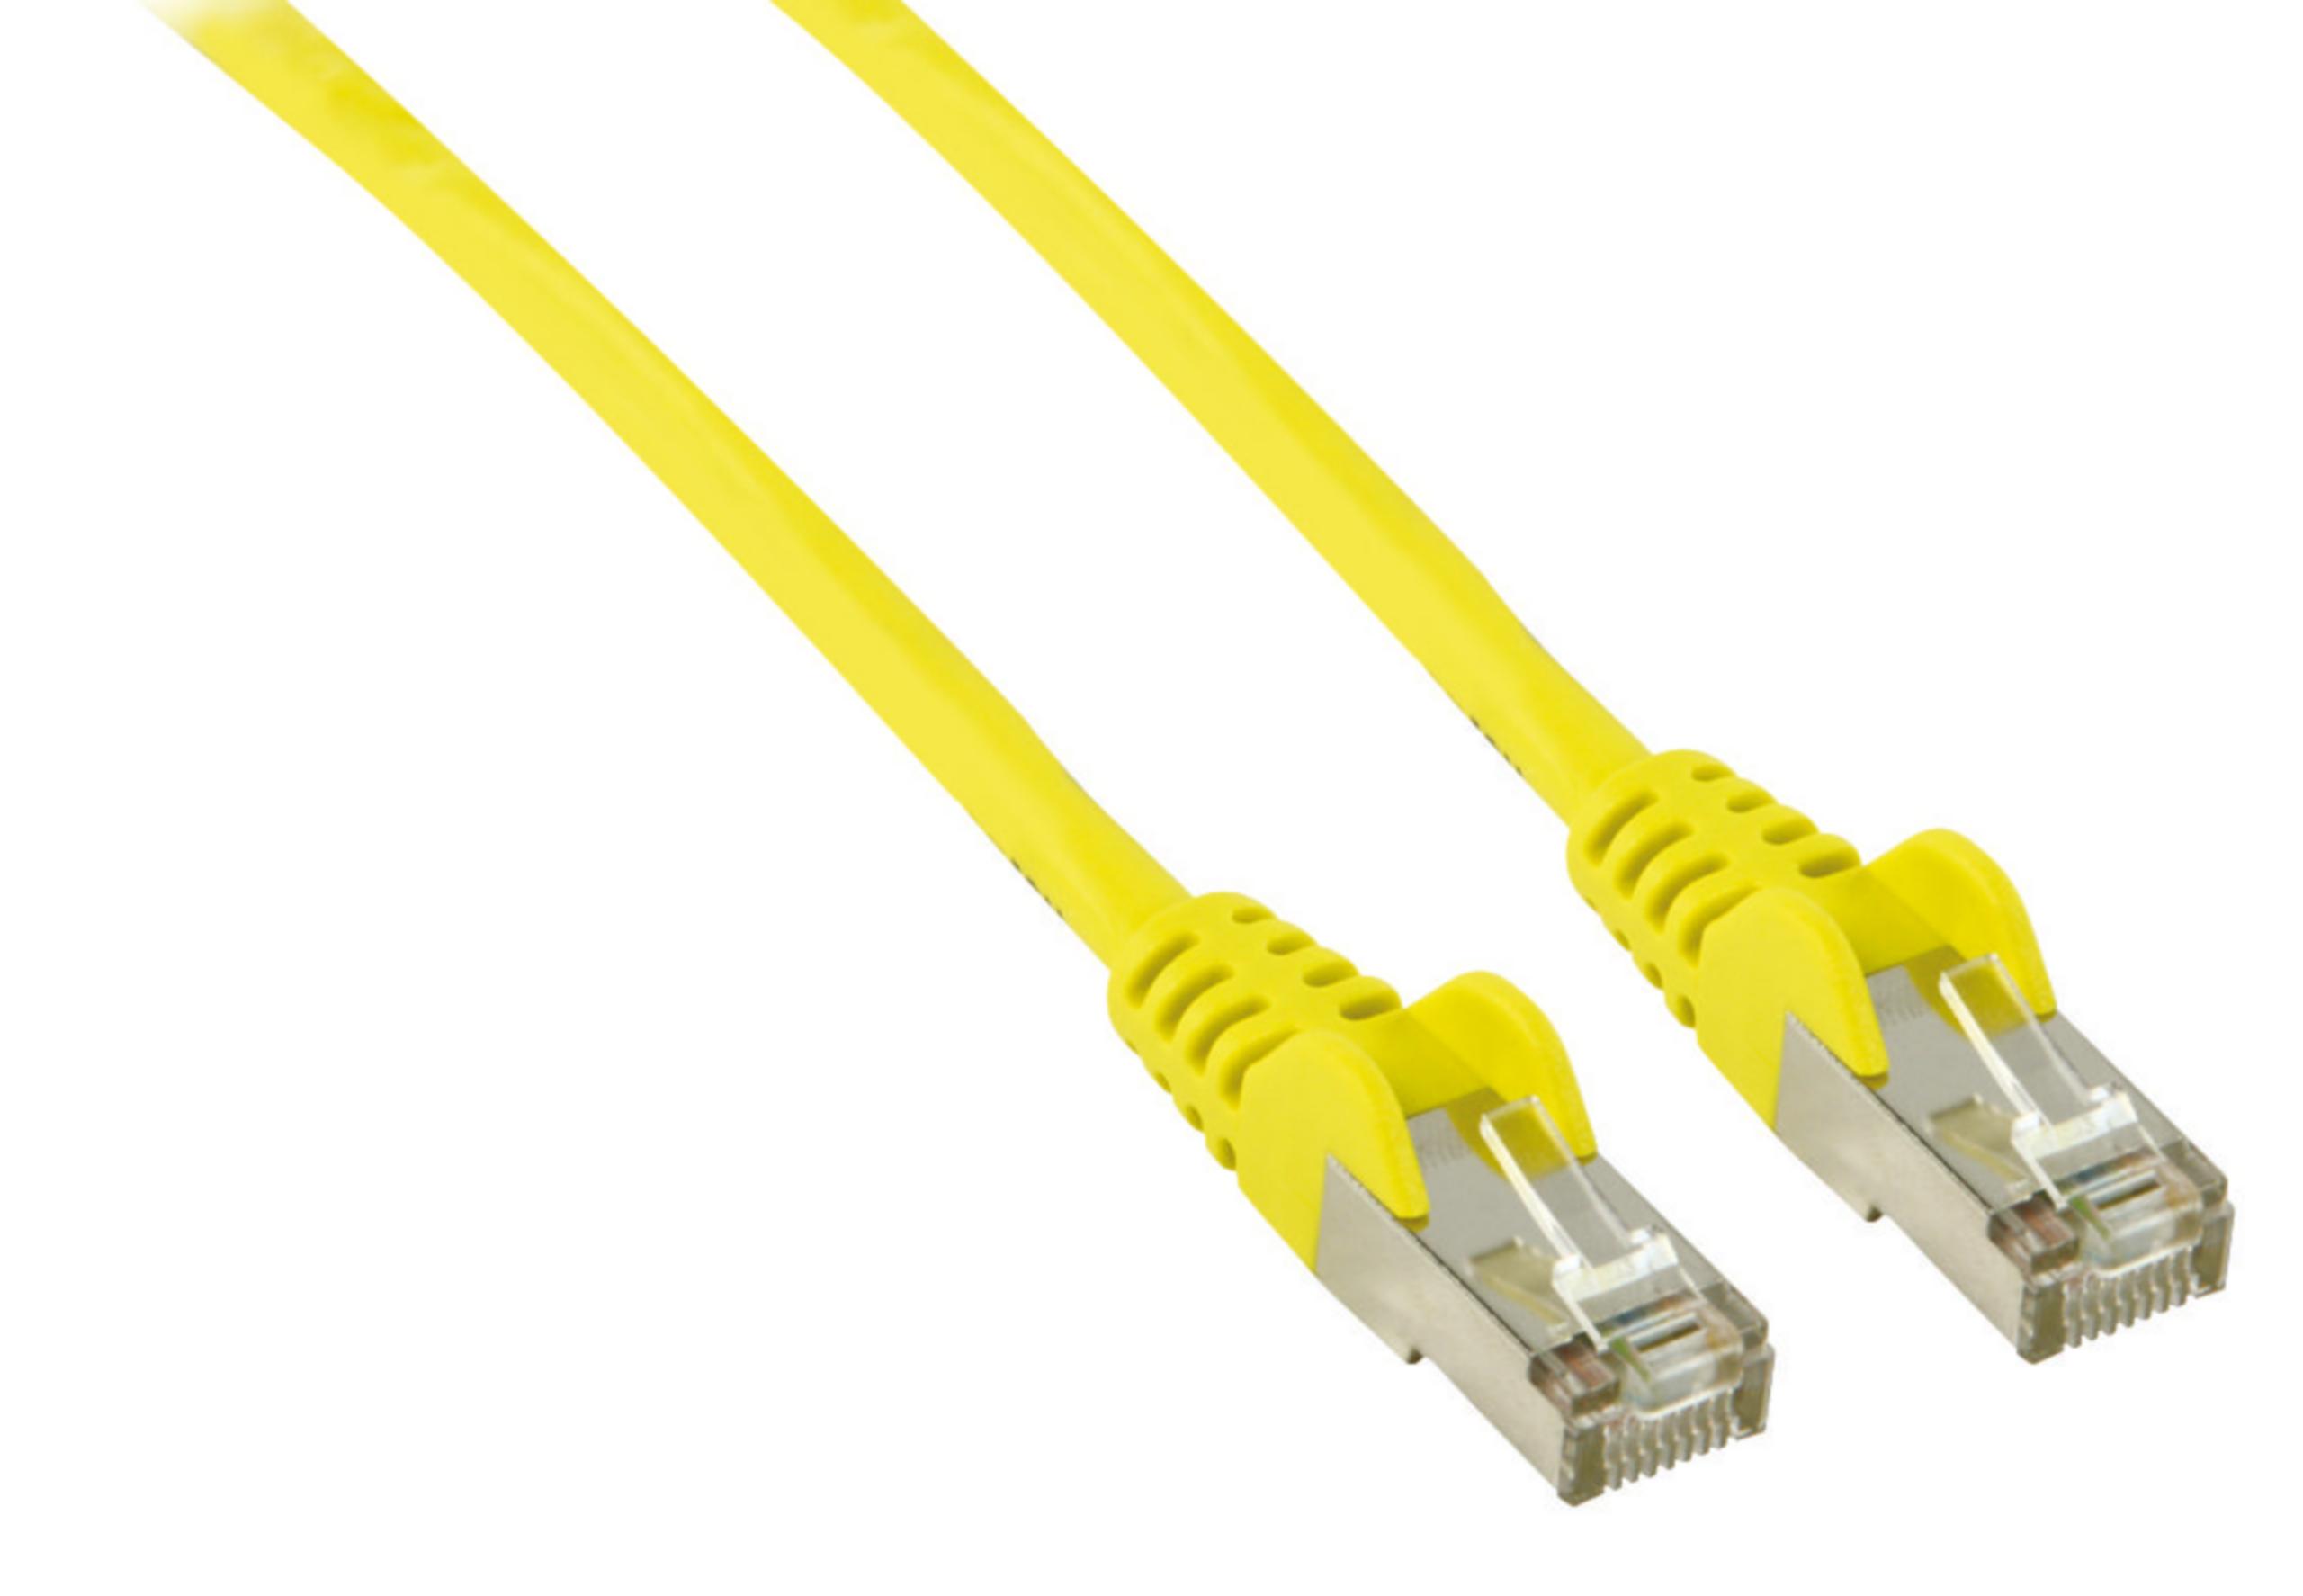 vlcp85110y15 valueline cat5e f utp network cable rj45 8p8c male rj45 8p8c male 15 0 m. Black Bedroom Furniture Sets. Home Design Ideas